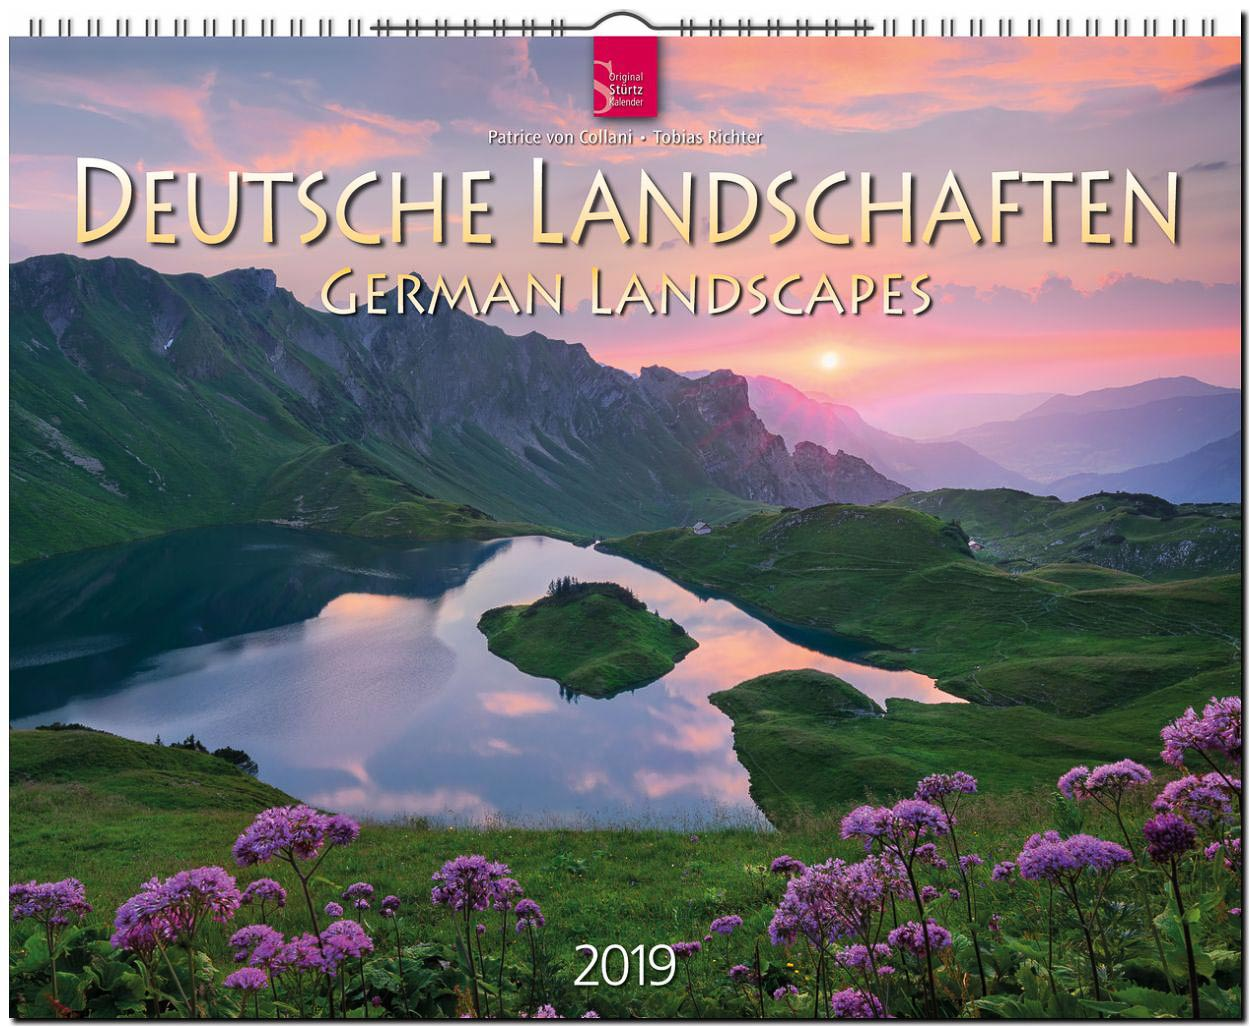 Kalender Deutsche Landschaften 2019 Cover